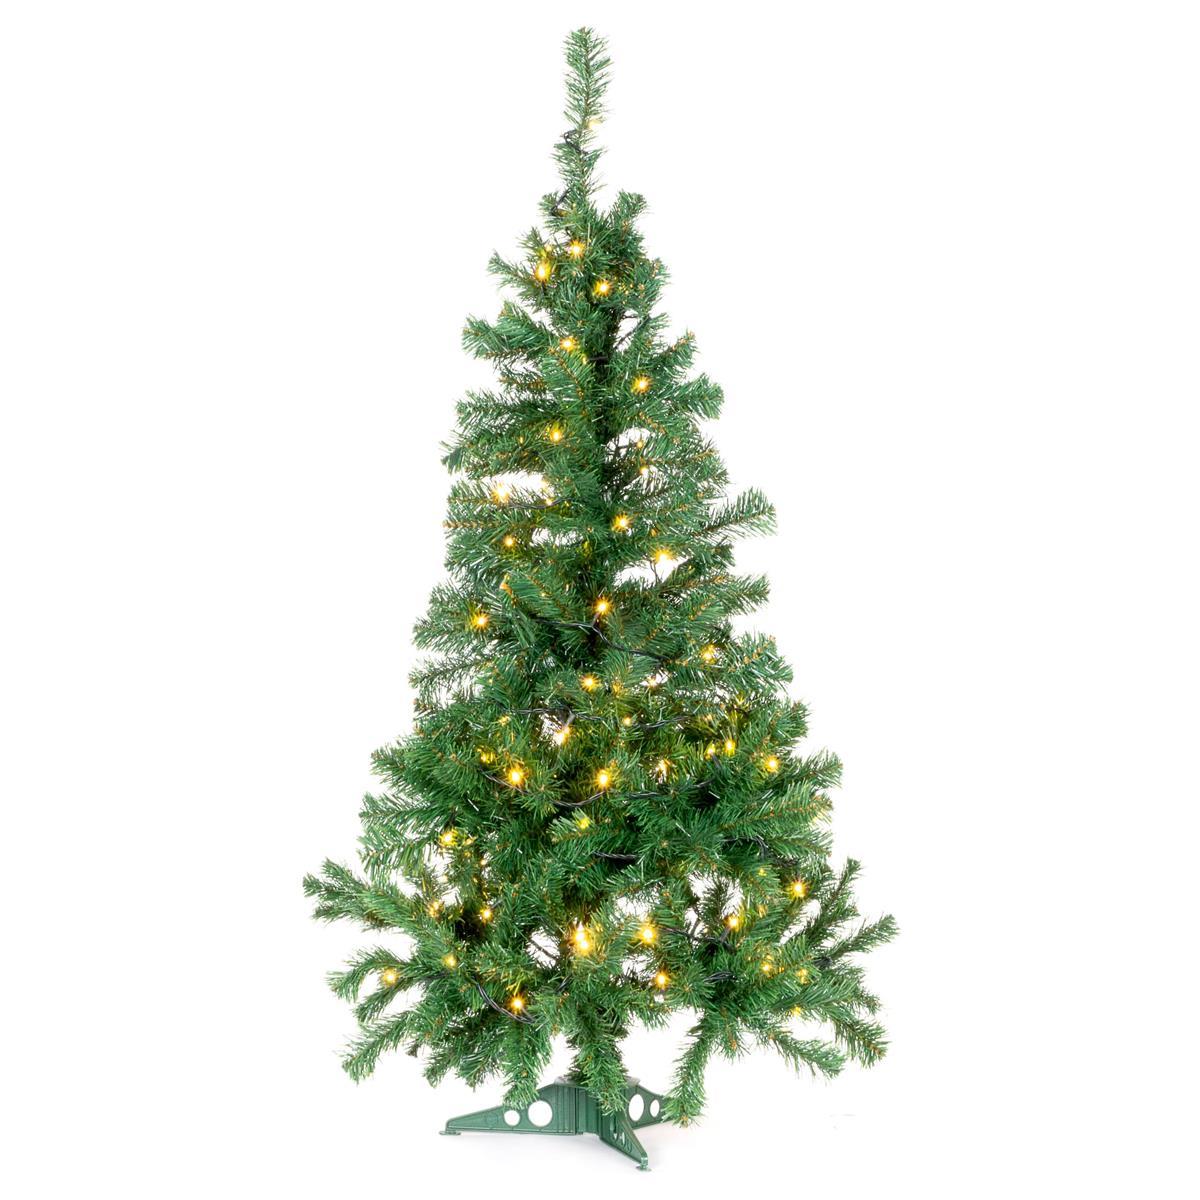 künstlicher Weihnachtsbaum 120 cm mit Ständer und 100 LED Lichterkette Xmas